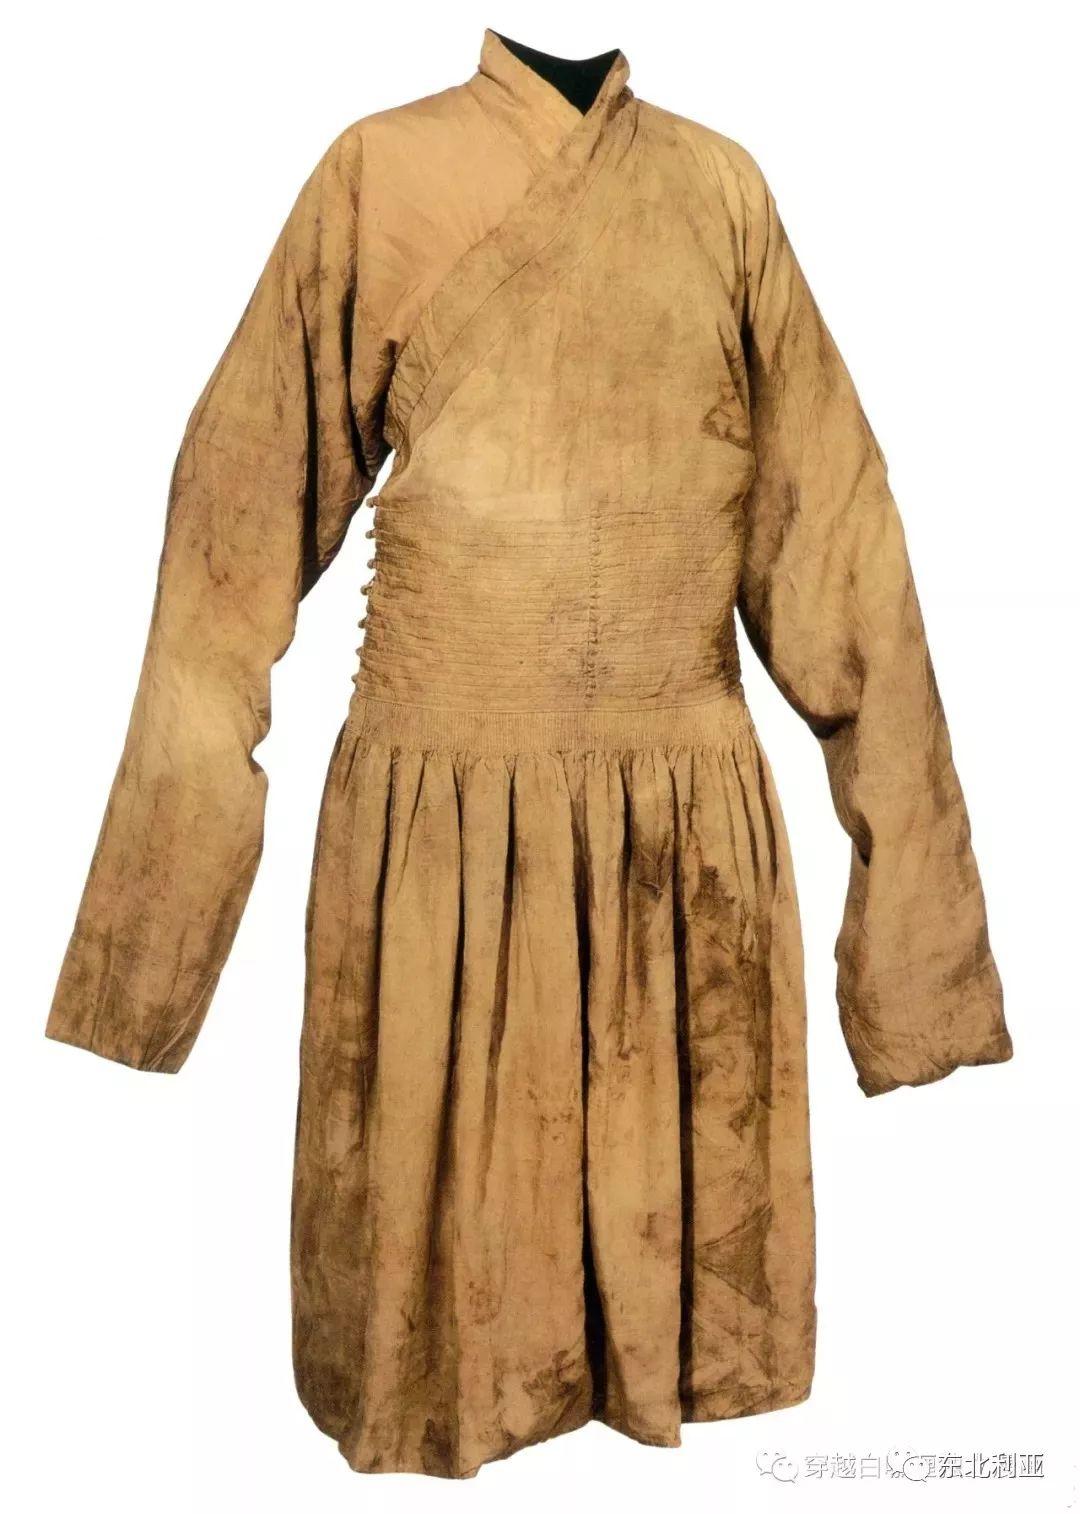 图集丨元代蒙古袍、画作及其复原品 第3张